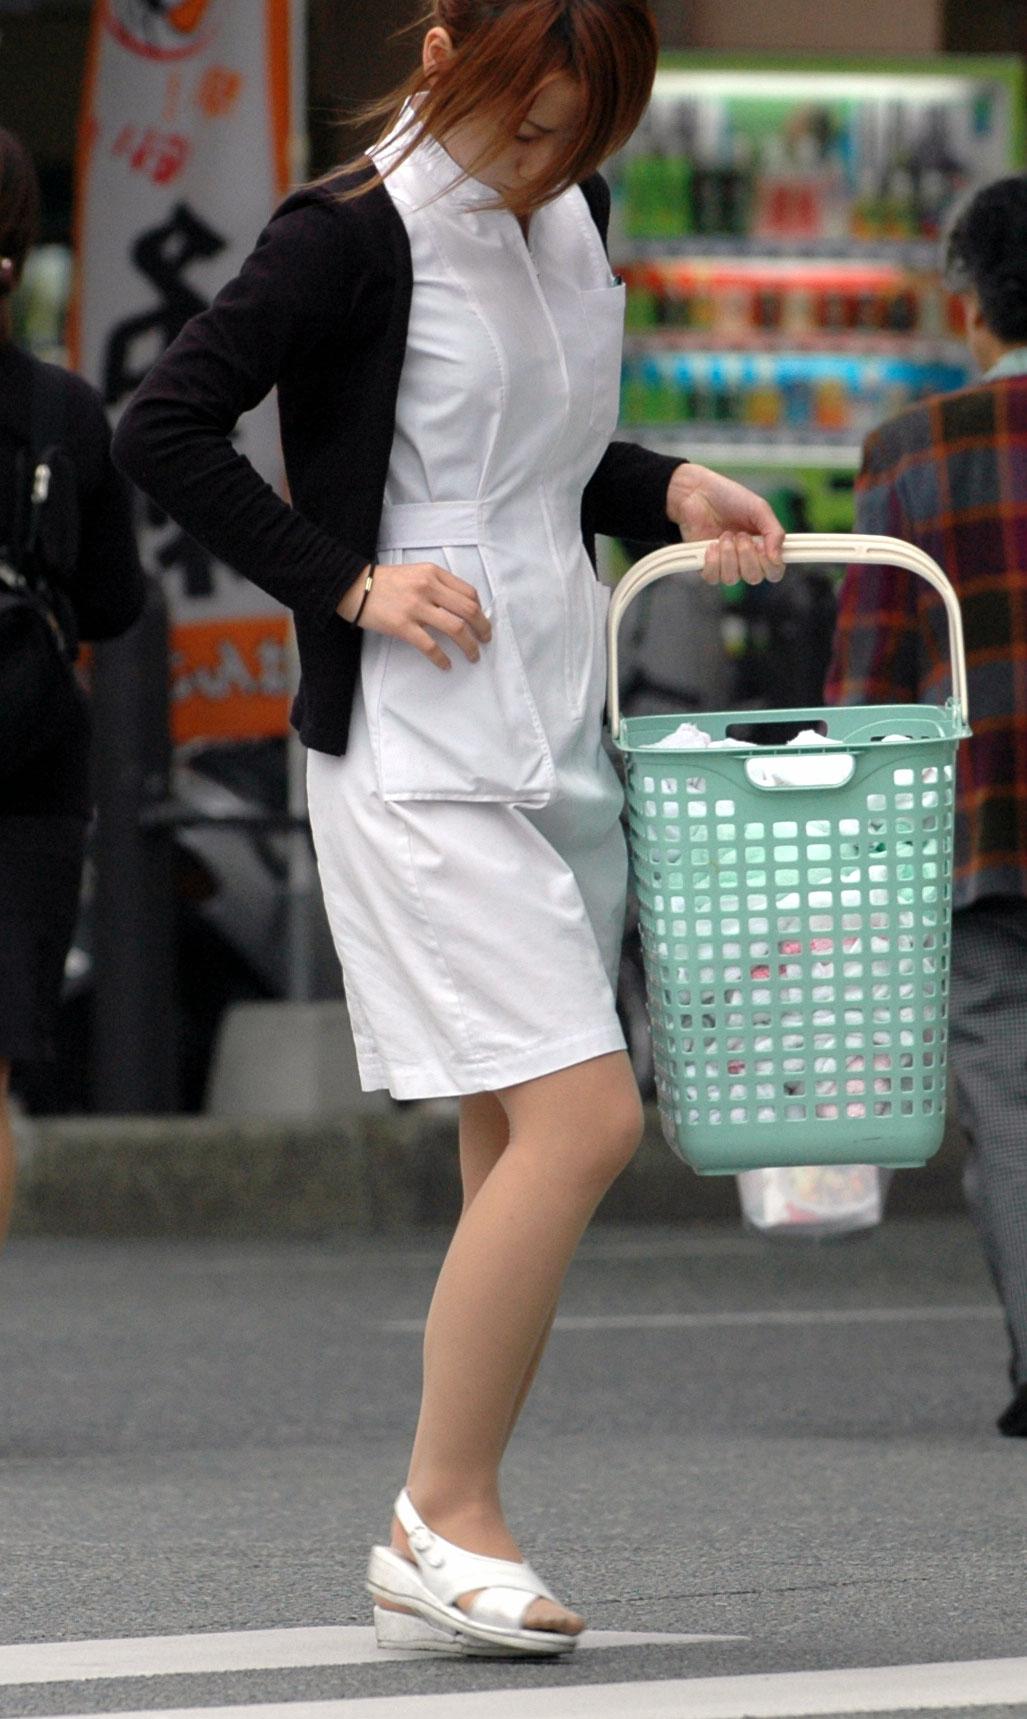 【街撮り働く女性エロ画像】病院の外で制服姿のナースを見た瞬間、何故か灯る期待感www  07